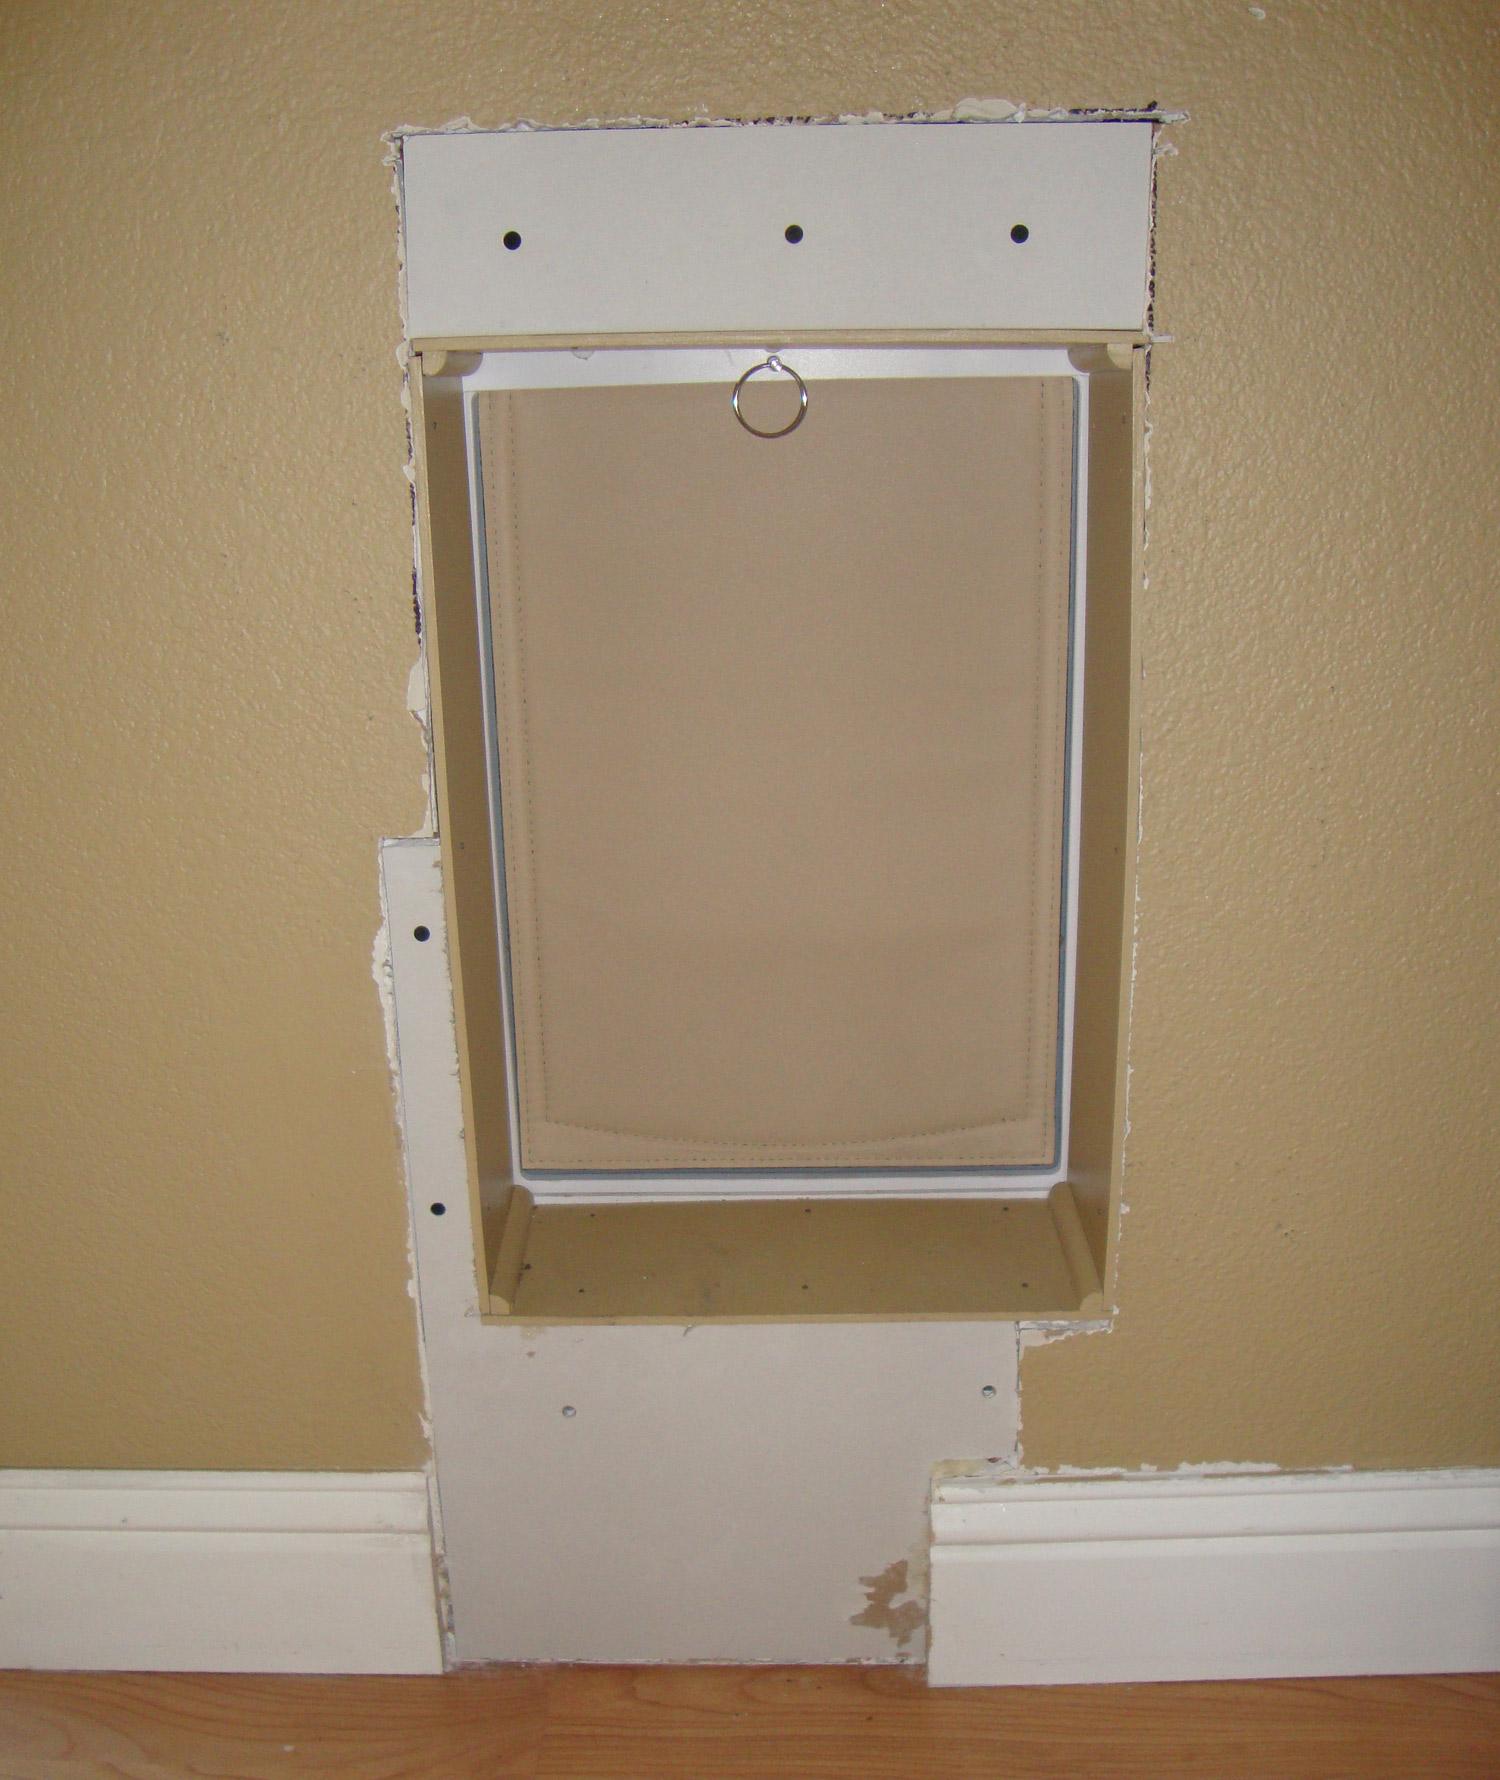 san doors install a door how installation wall galleries in dog walls to gallery antonio